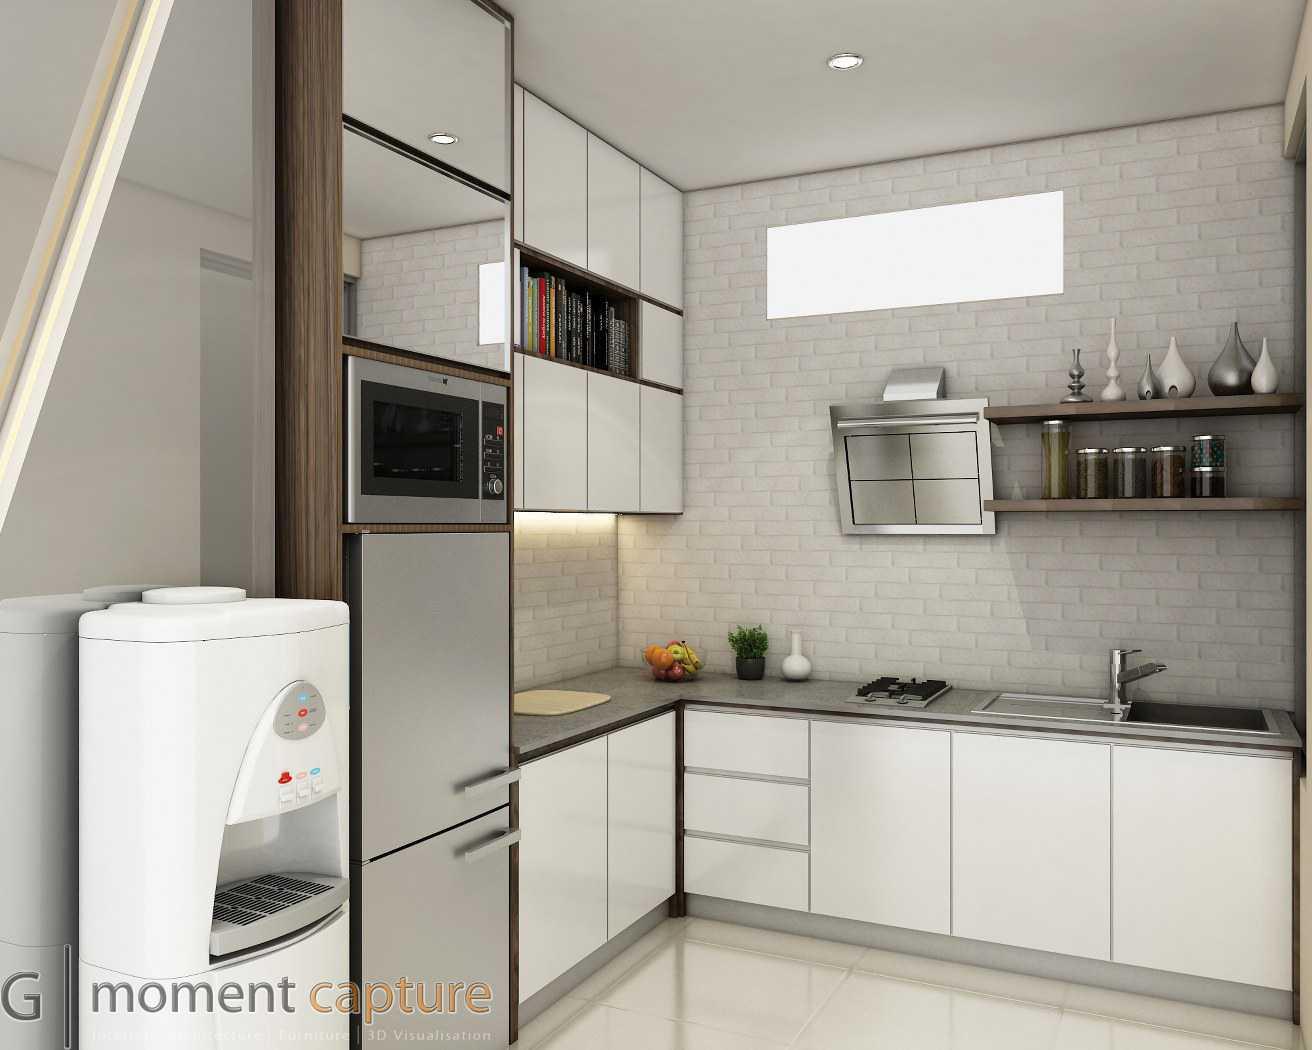 G | Momentcapture Private Residence 2 Daerah Khusus Ibukota Jakarta, Indonesia Daerah Khusus Ibukota Jakarta, Indonesia Kitchen Room Modern 40690